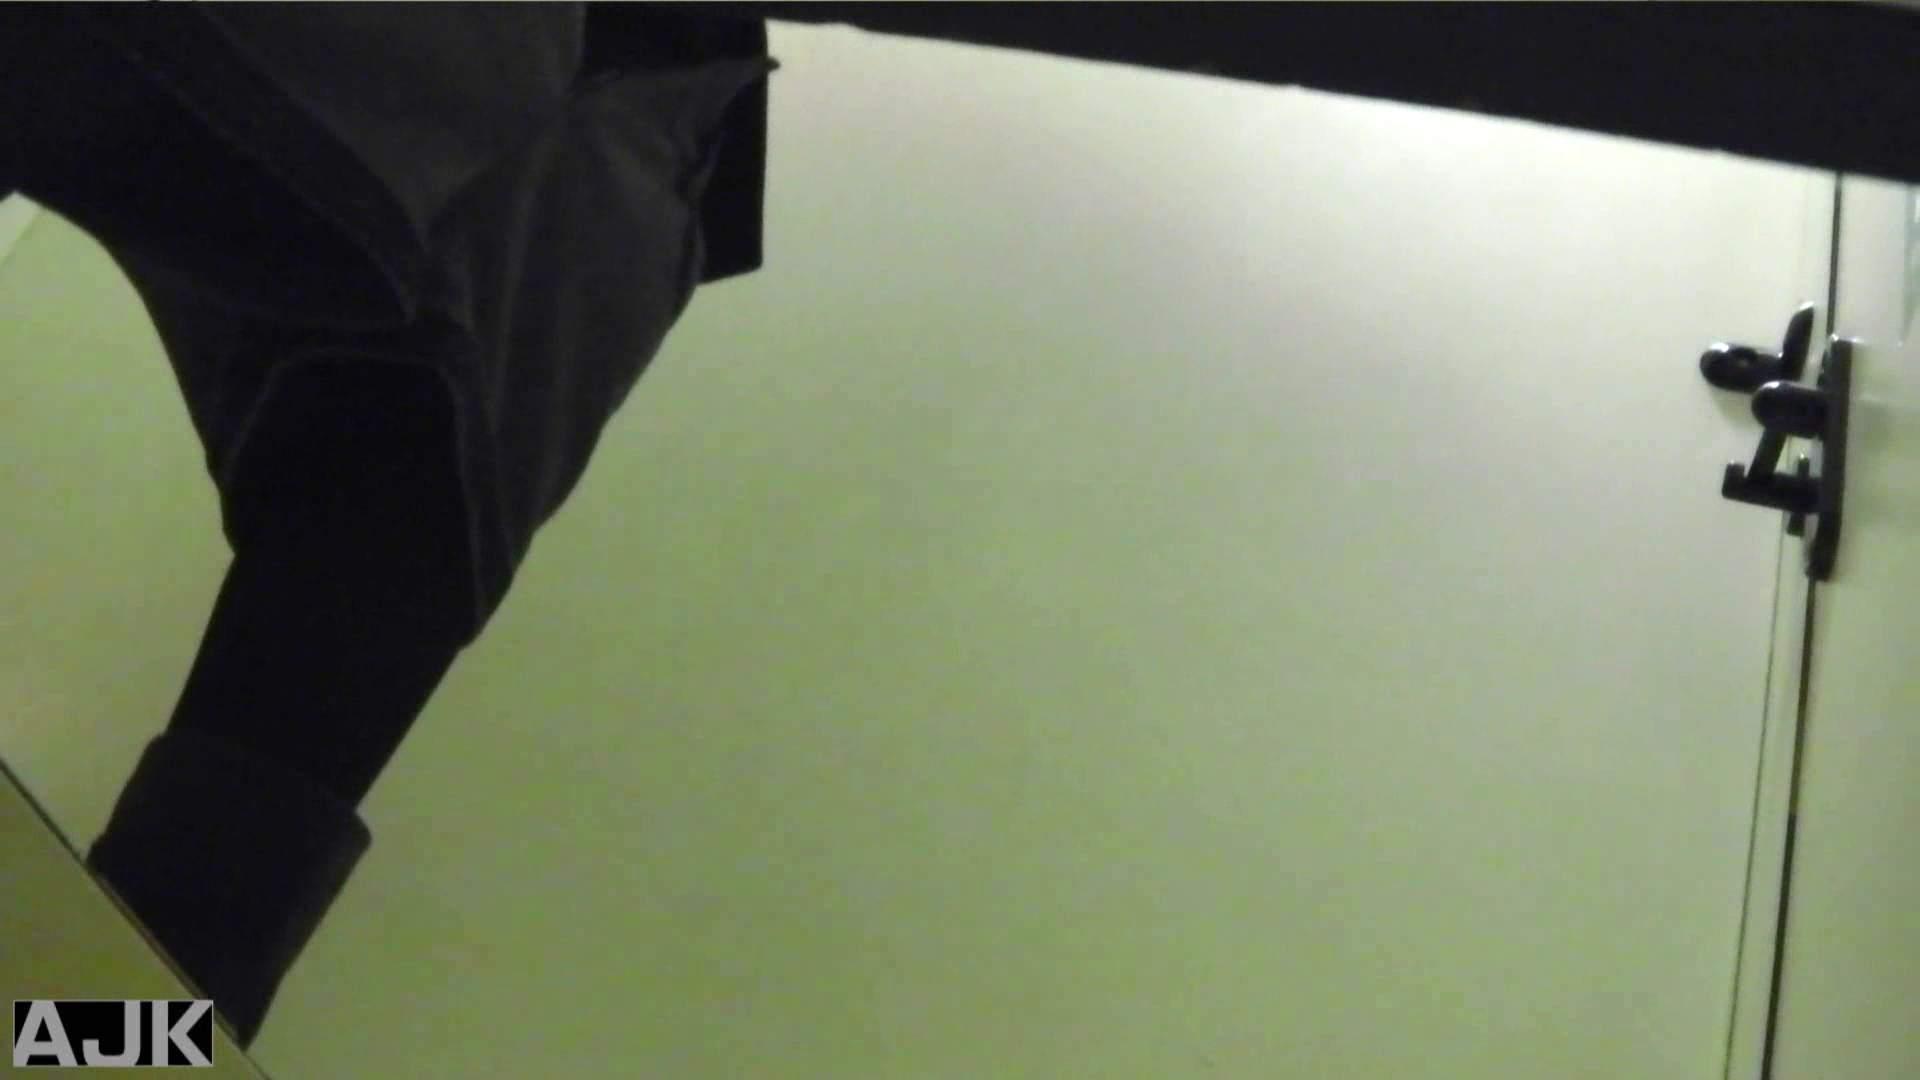 神降臨!史上最強の潜入かわや! vol.20 オマンコ 覗きぱこり動画紹介 92連発 89